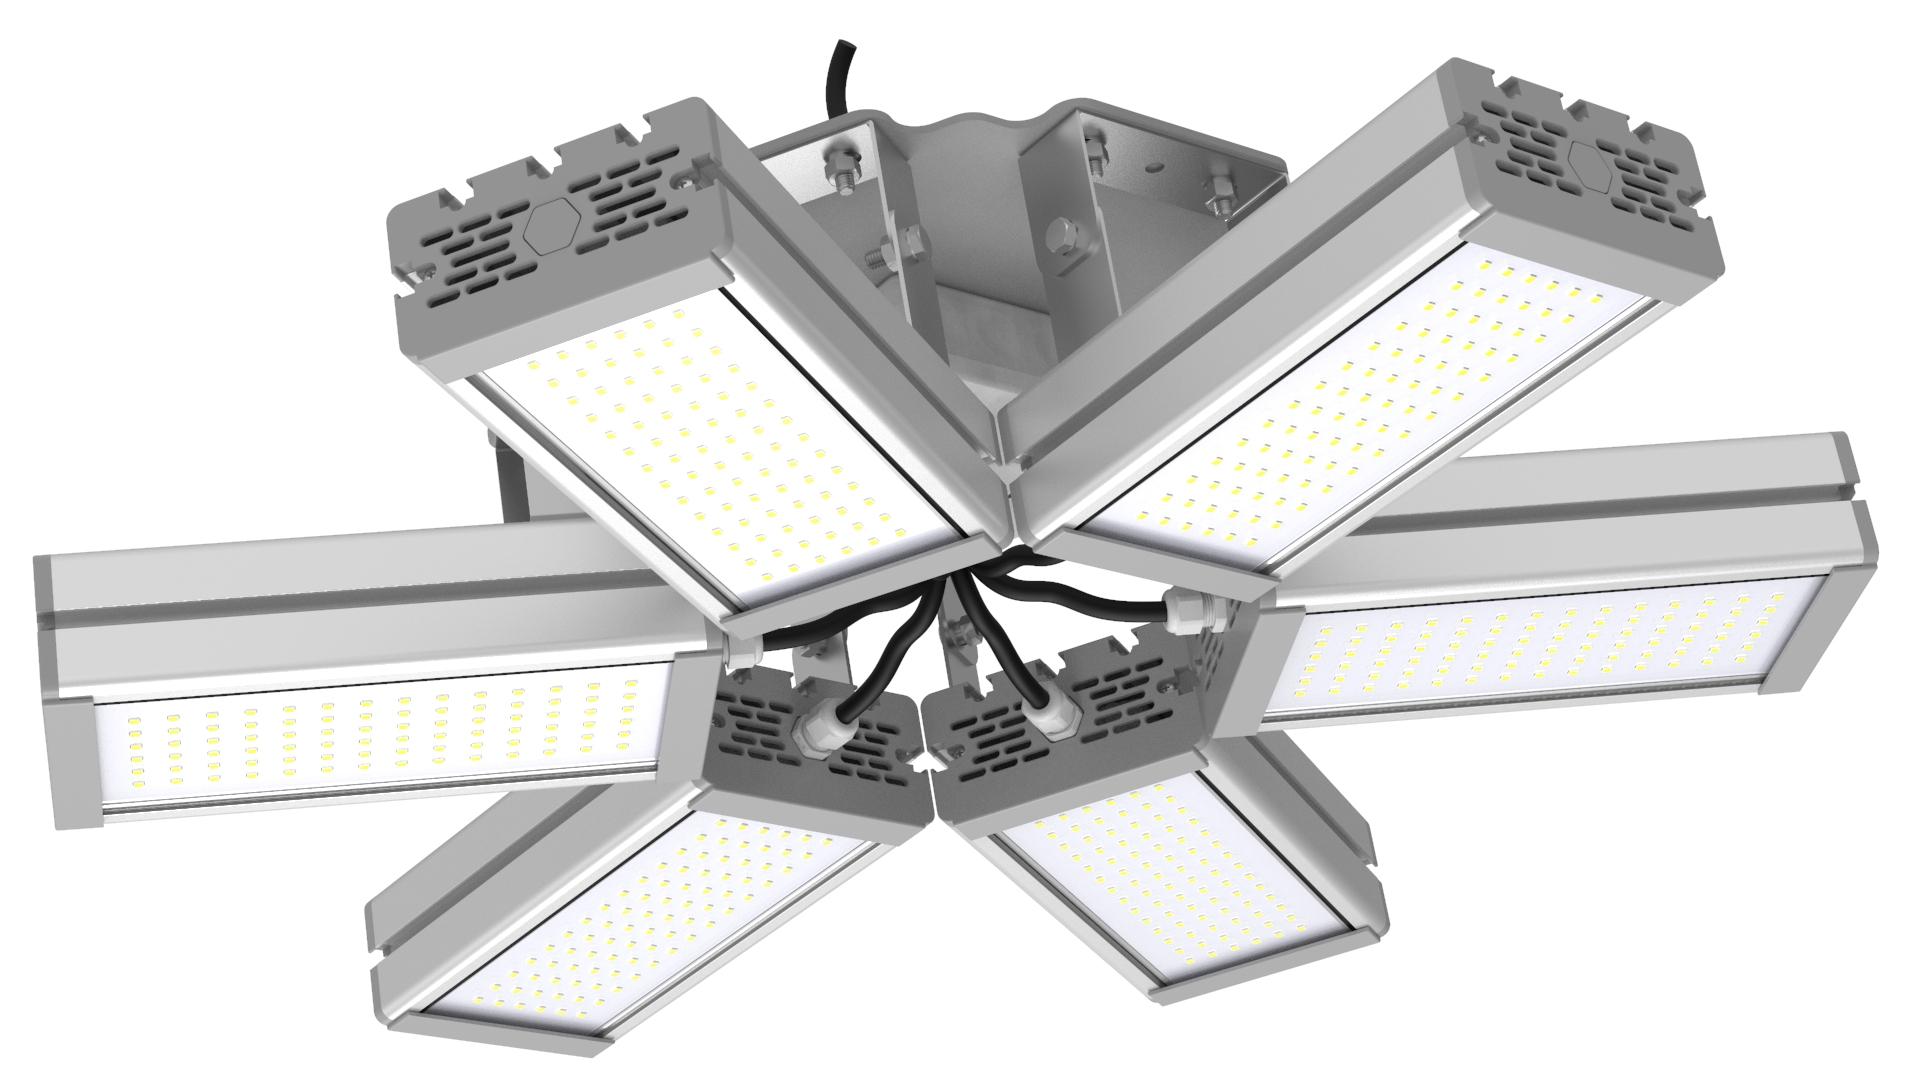 Светильник подвесной Ромашка High-Bay SVT-P-FLOWER-192Вт (с защитой от 380В, трос)